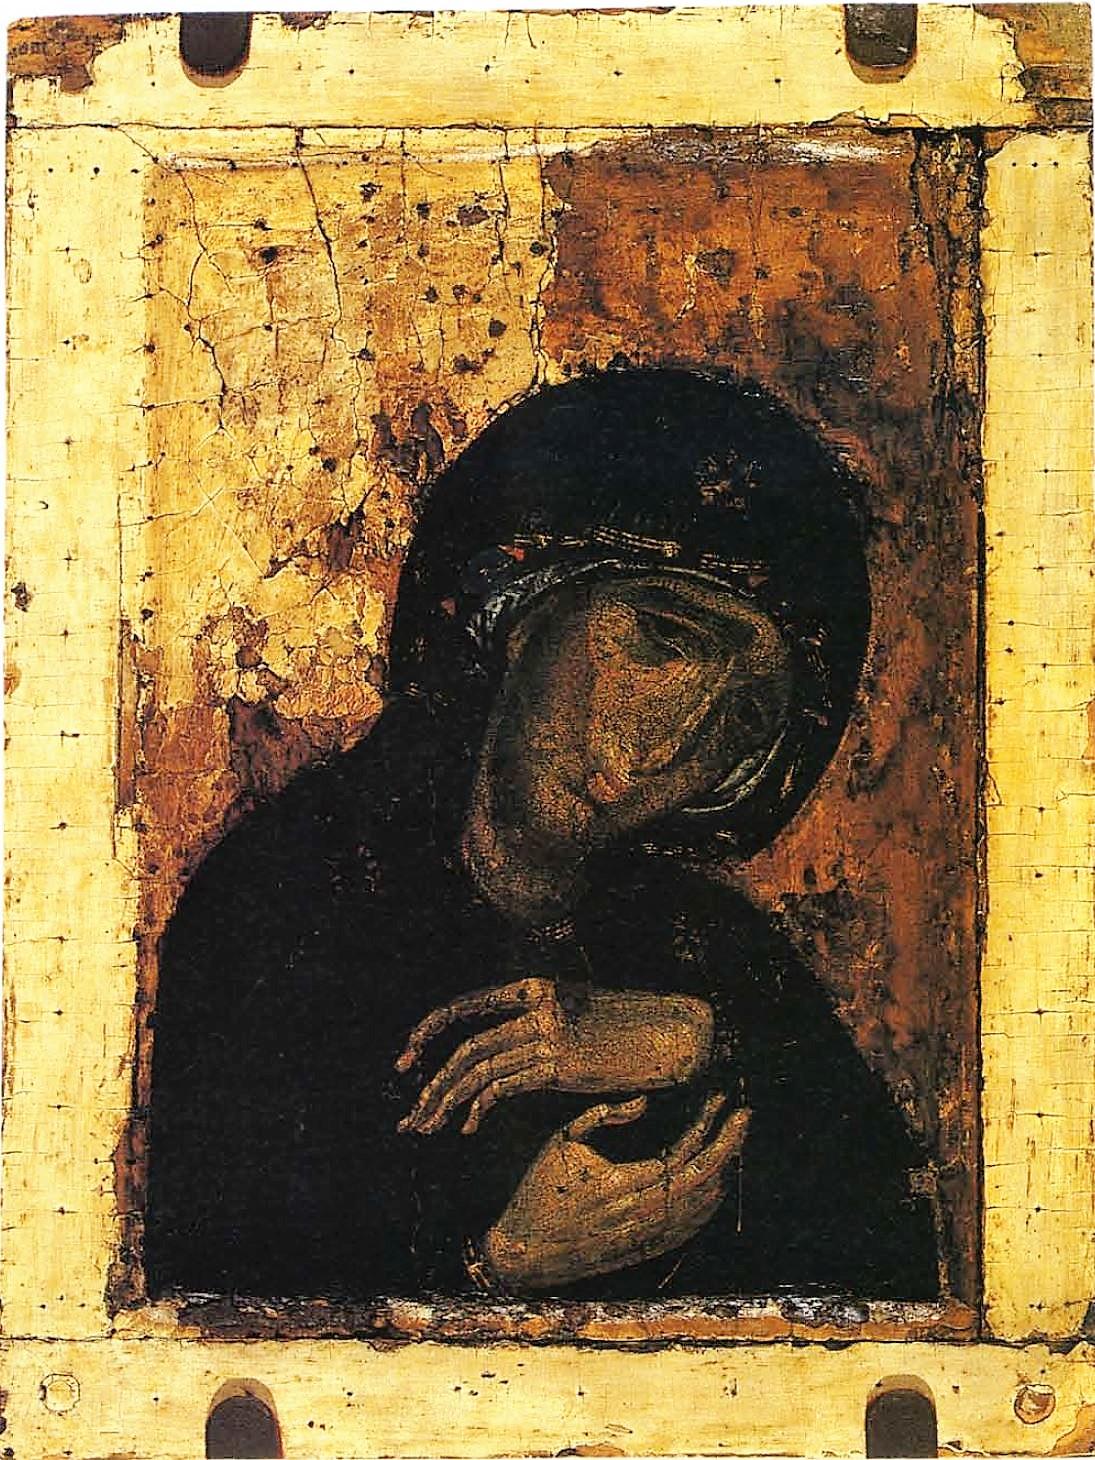 1250 ca Vierge de douleurs icone Galerie Tretyakov Moscou